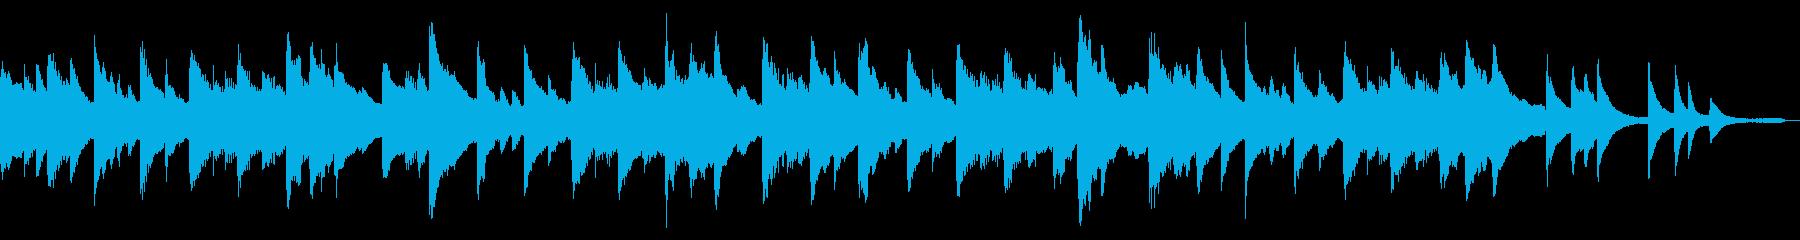 民謡や昔話をイメージした和風のピアノソロの再生済みの波形